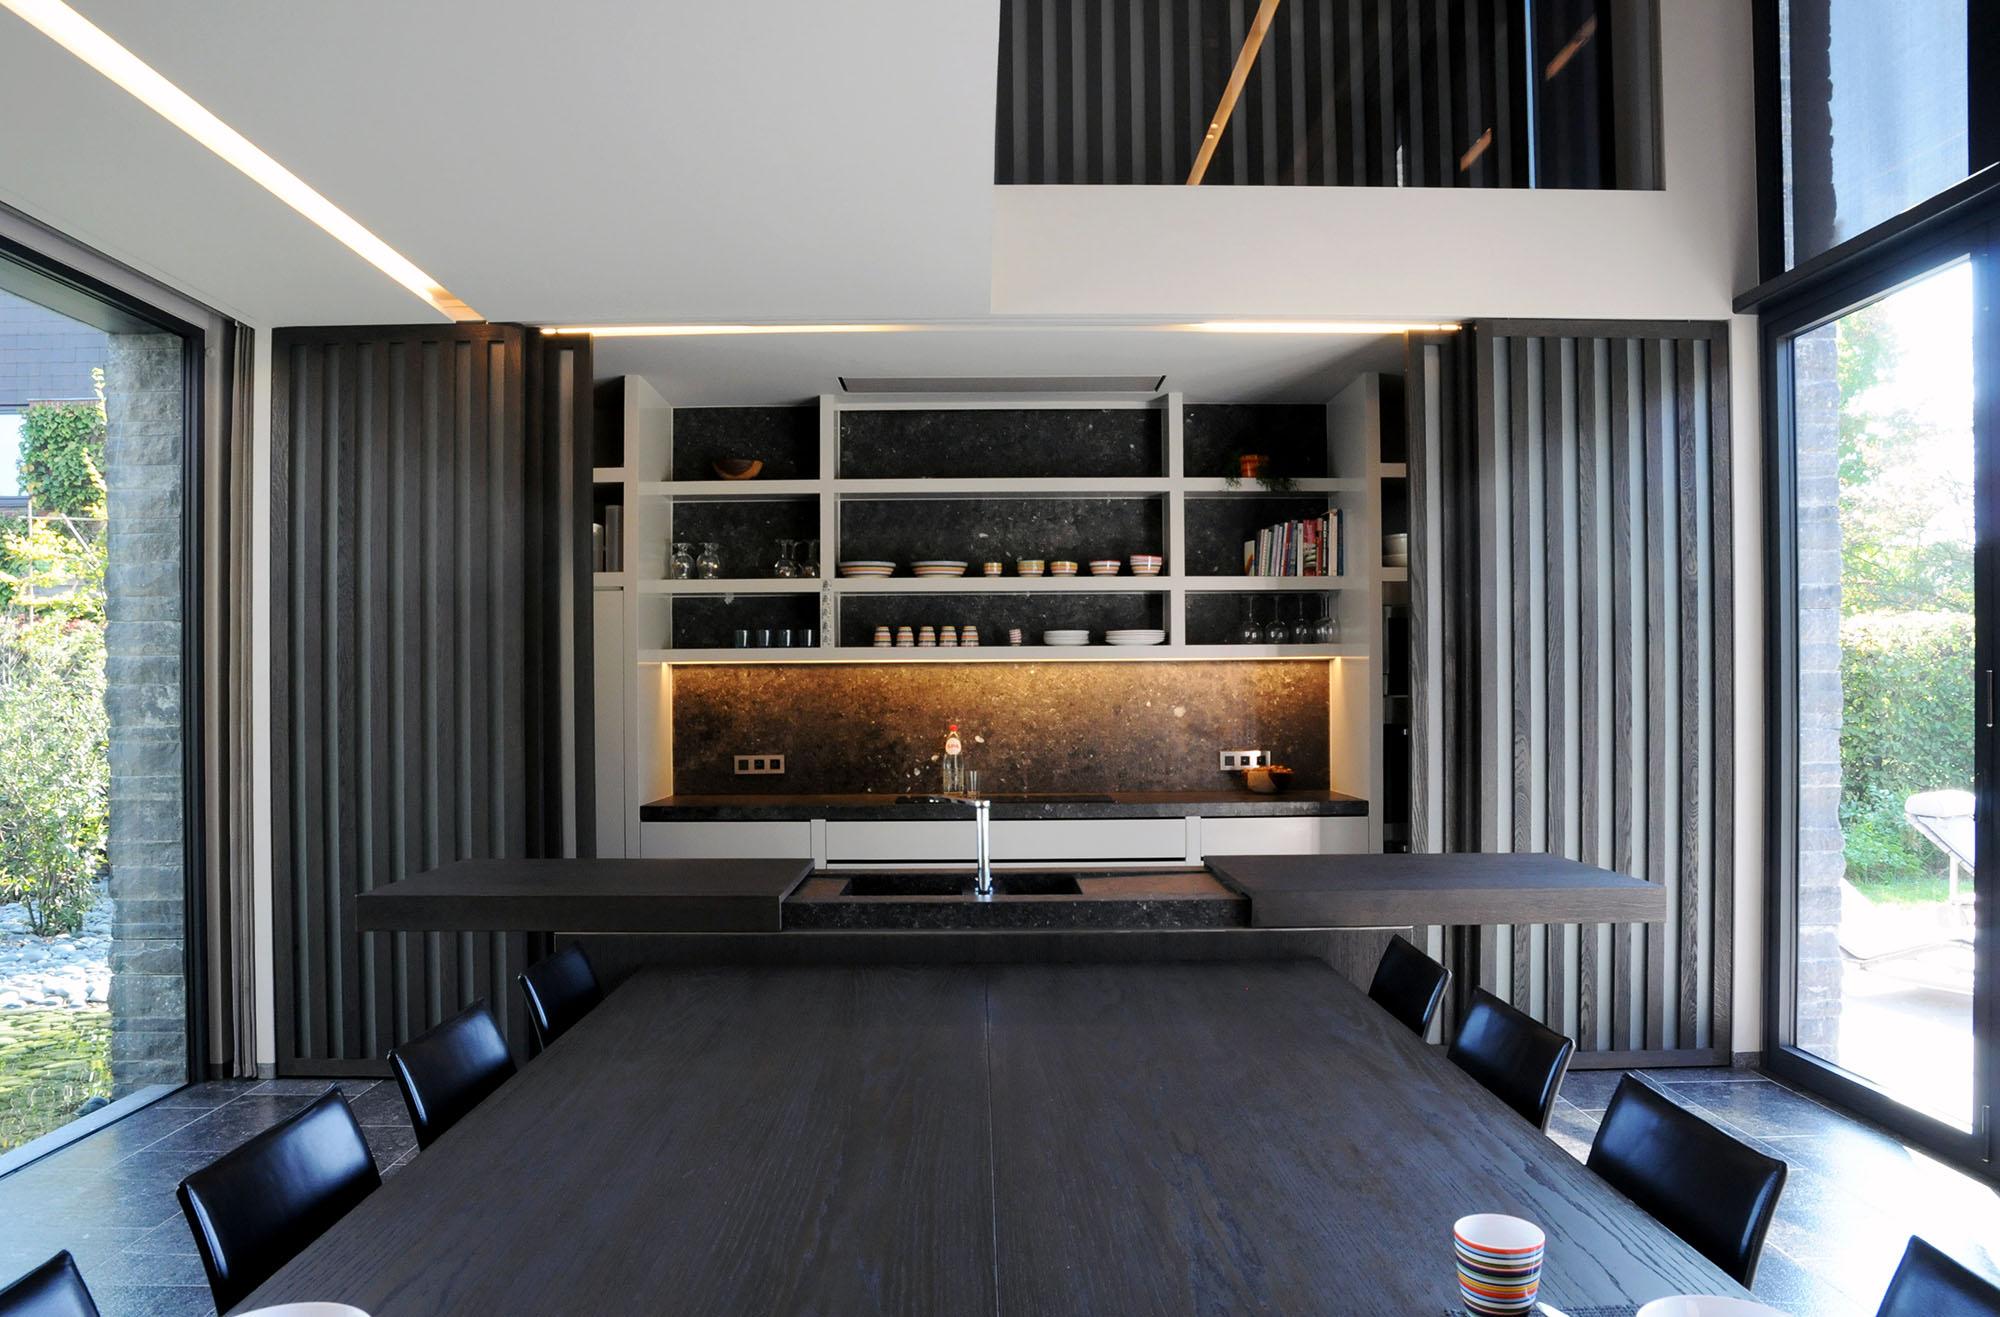 Bearelle moderne keuken